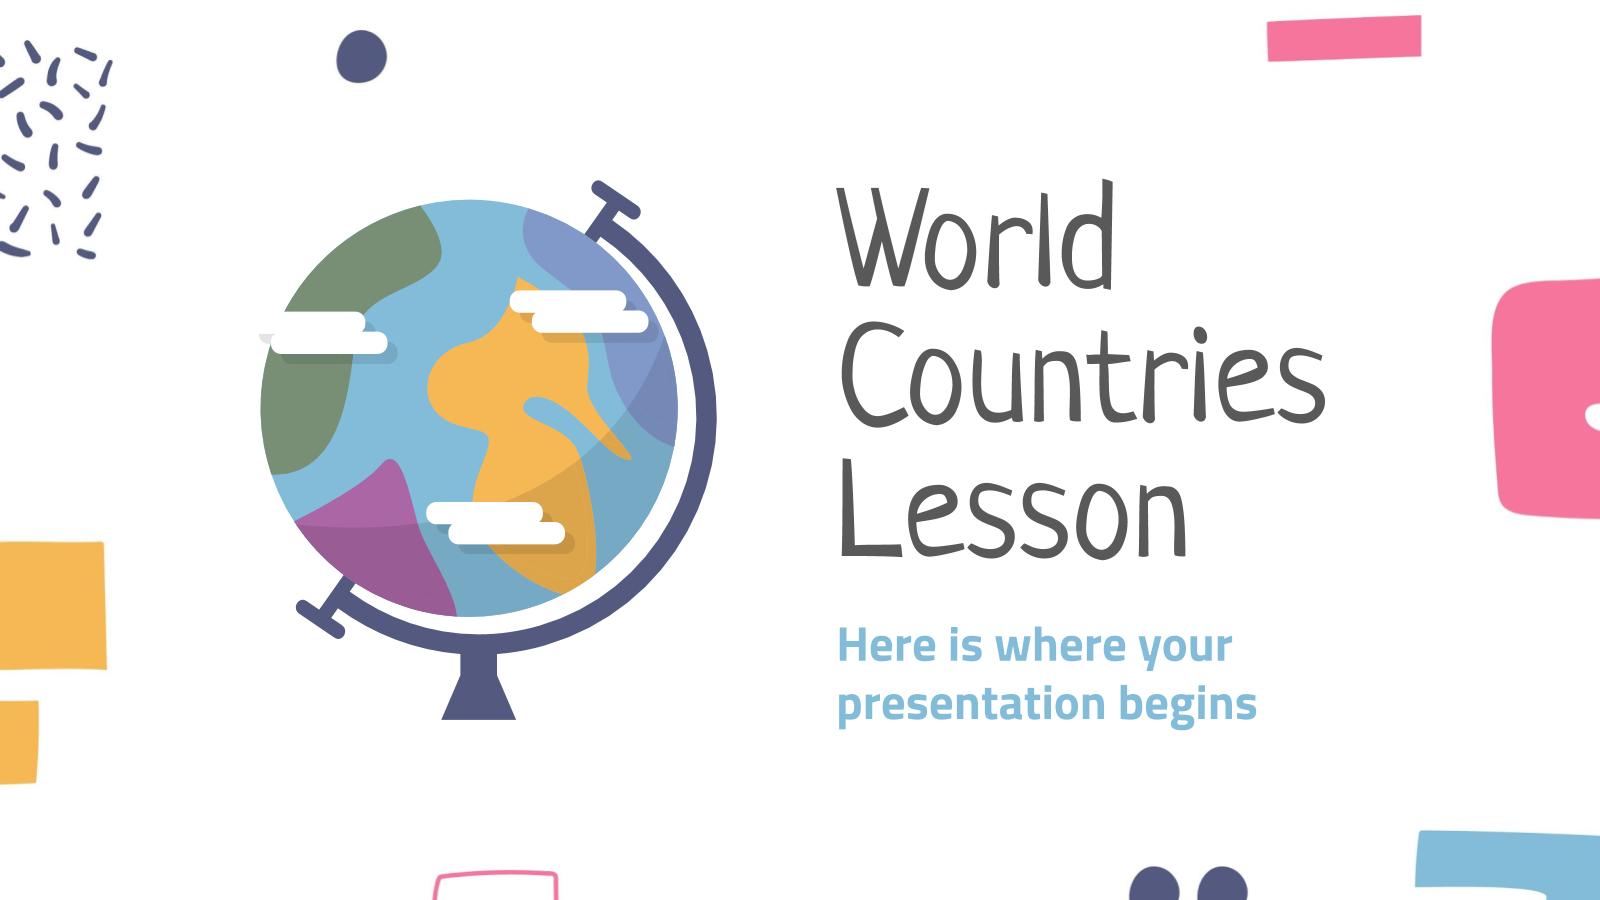 Cours sur les pays du monde : Modèles de présentation